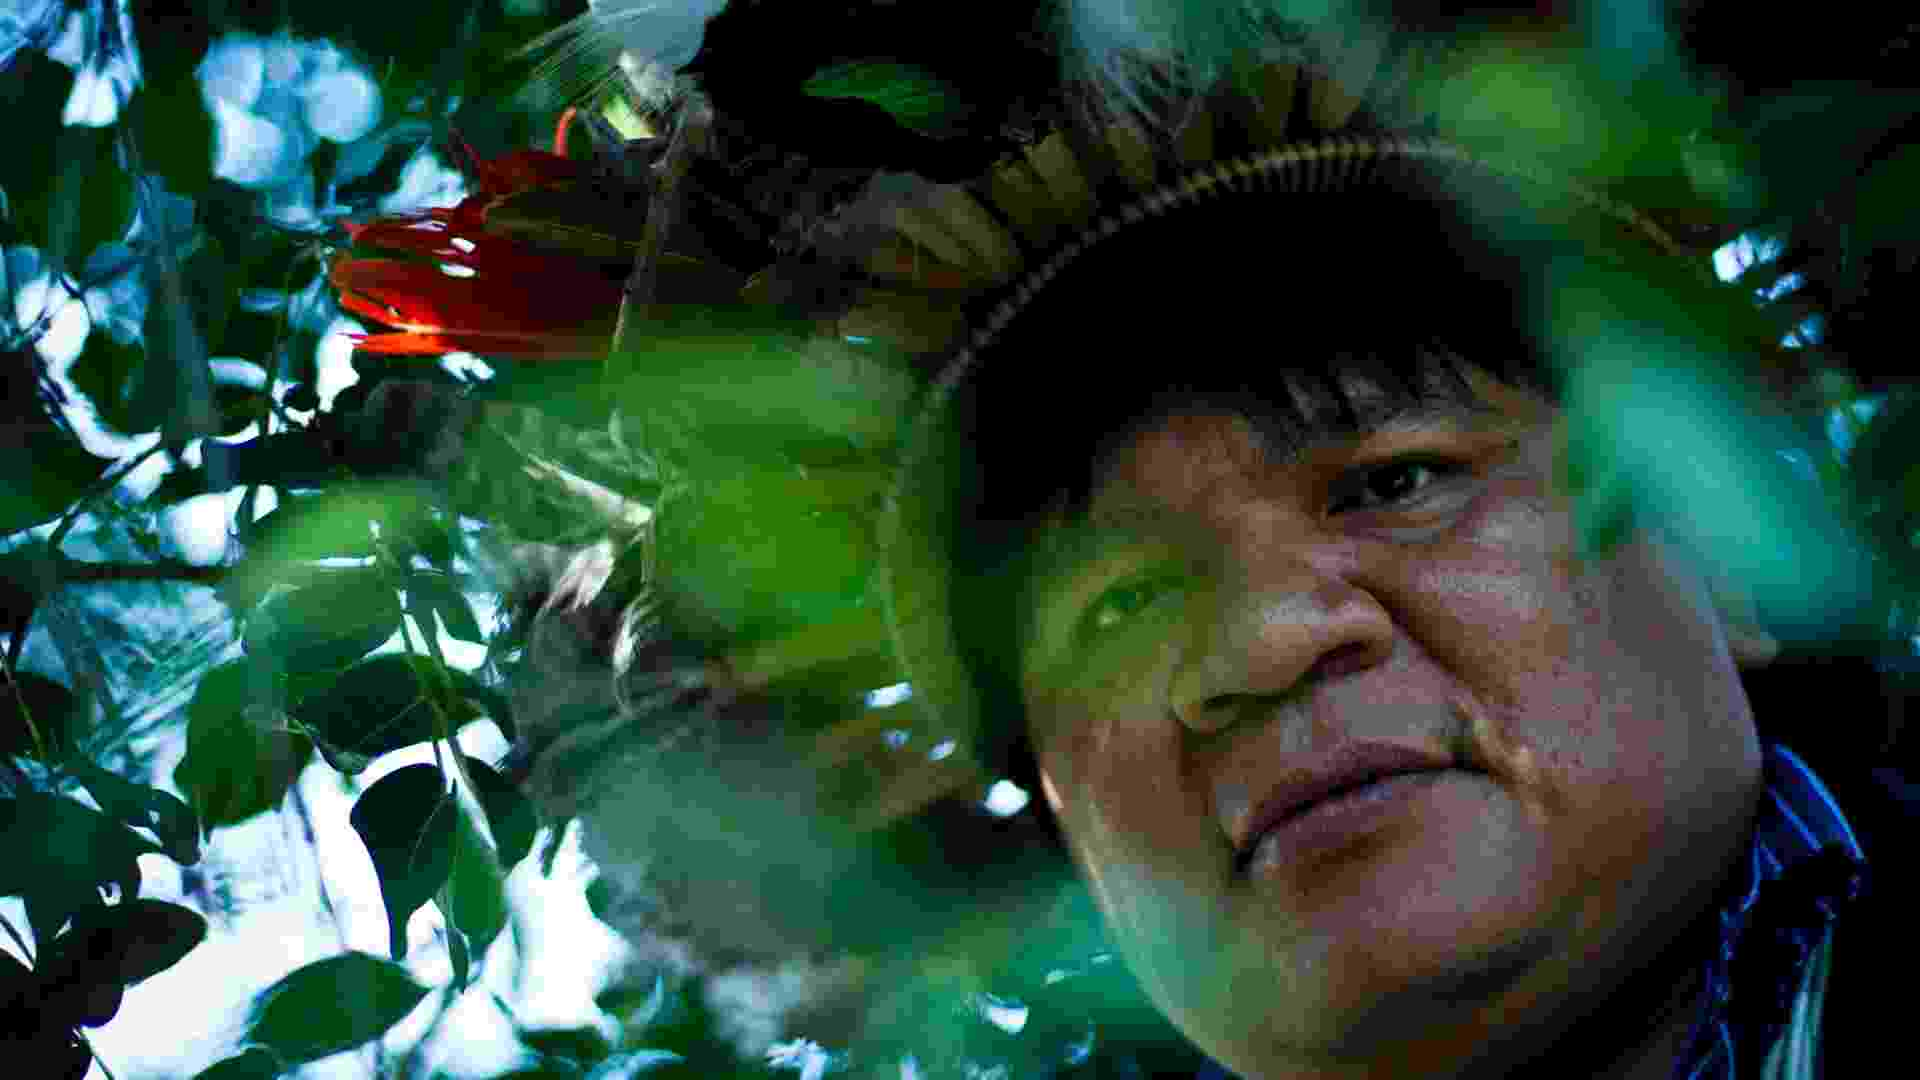 """10.abr.2013 - Almir Narayamoga, chefe da tribo Paiter-Surui, é premiado """"Herói da Floresta"""" pela ONU (Organização das Nações Unidas) por seu trabalho de conservação da floresta amazônica. Destaque para a América Latina e Caribe, o líder indígena de Rondônia receberá o prêmio na 10ª sessão do Fórum sobre Florestas das Nações Unidas, em Istambul, na Turquia, nesta quarta-feira (10) - Daniel Marenco/Folhapress"""